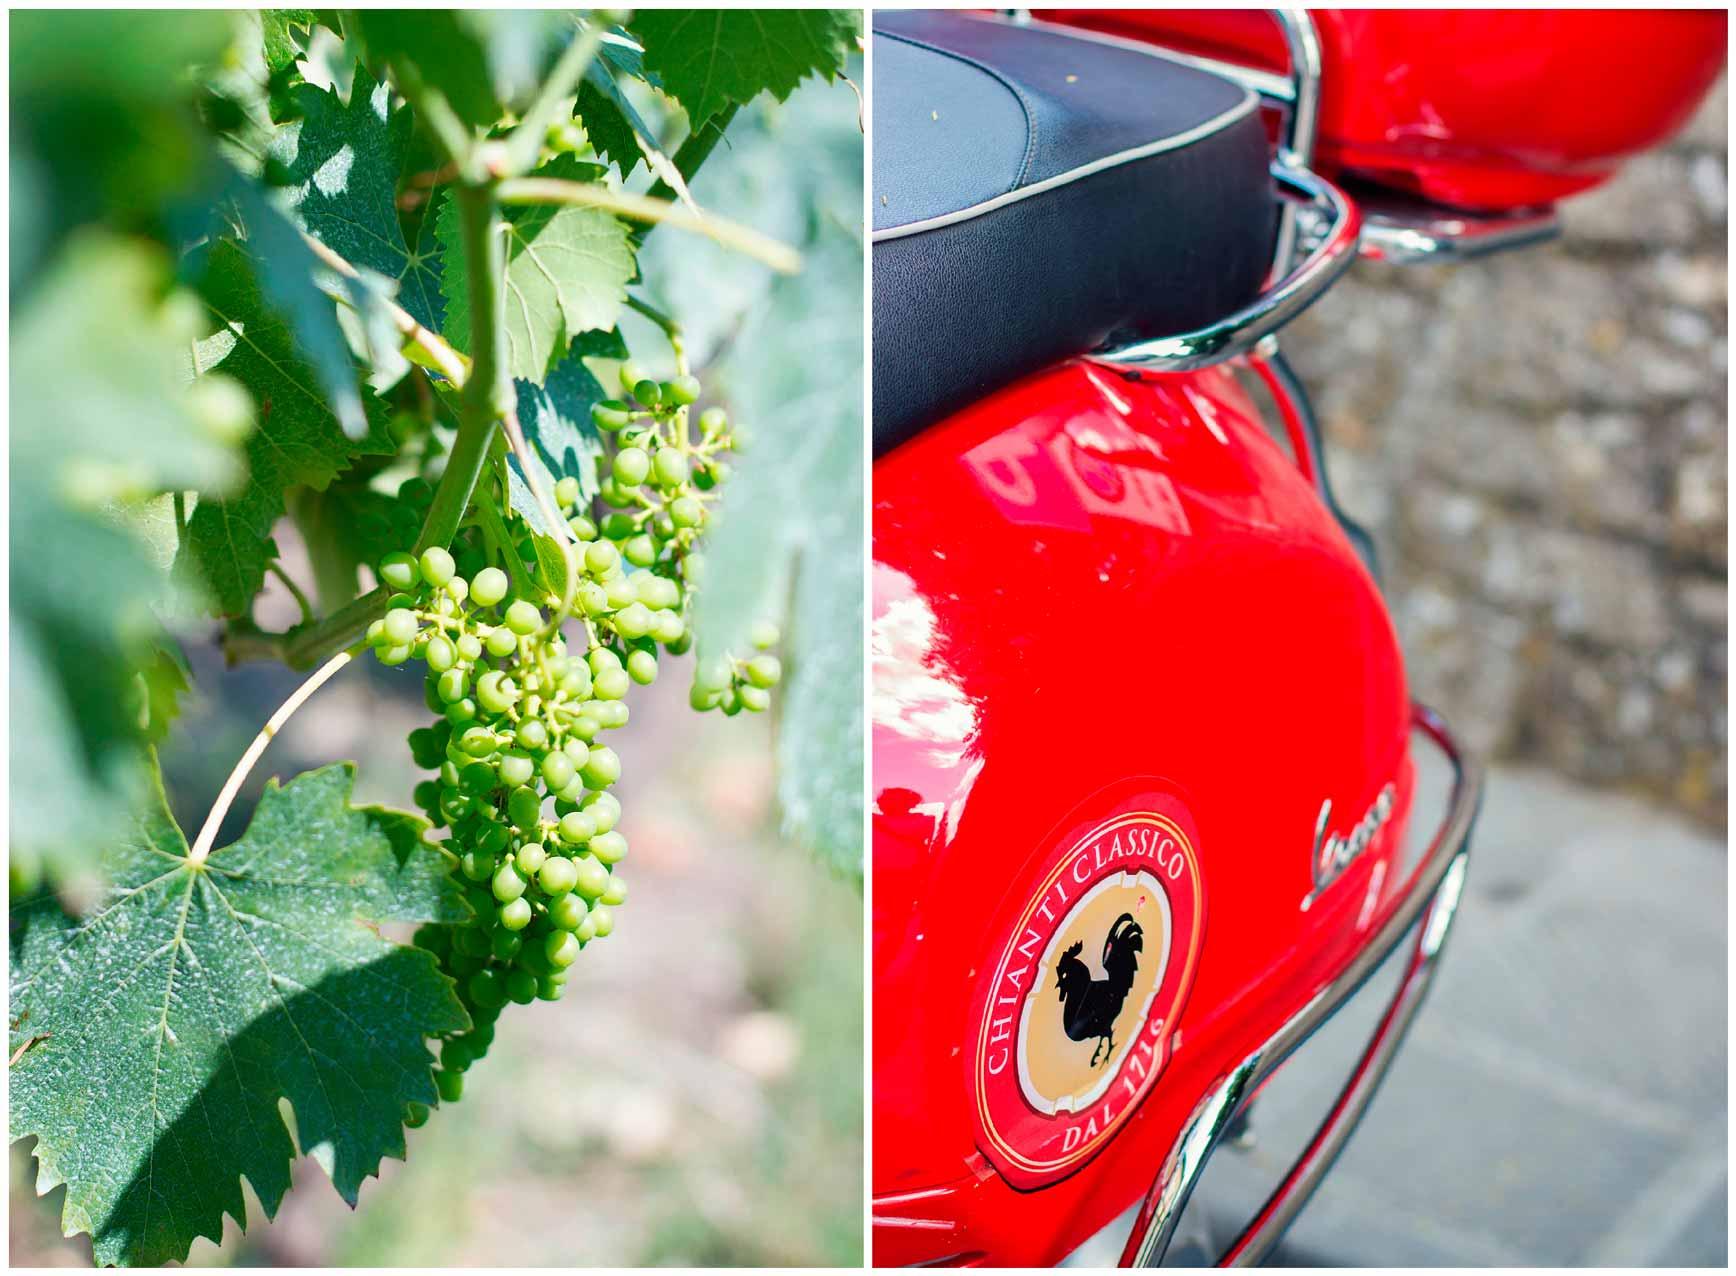 Toscana_claraBmartin_Collage